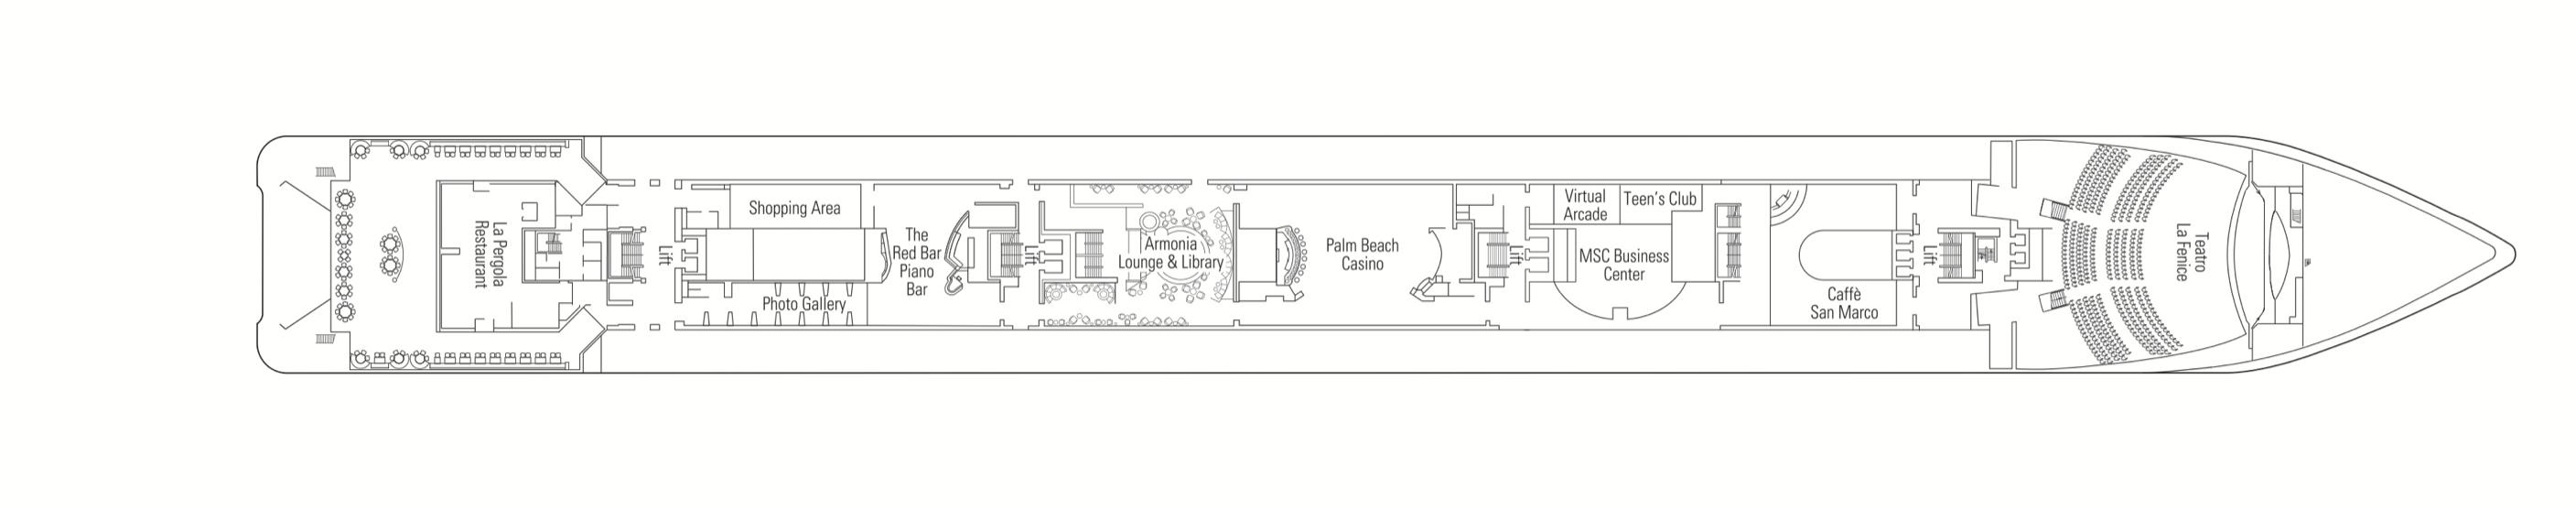 MSC Lirica Class Armonia Deck 6.jpg